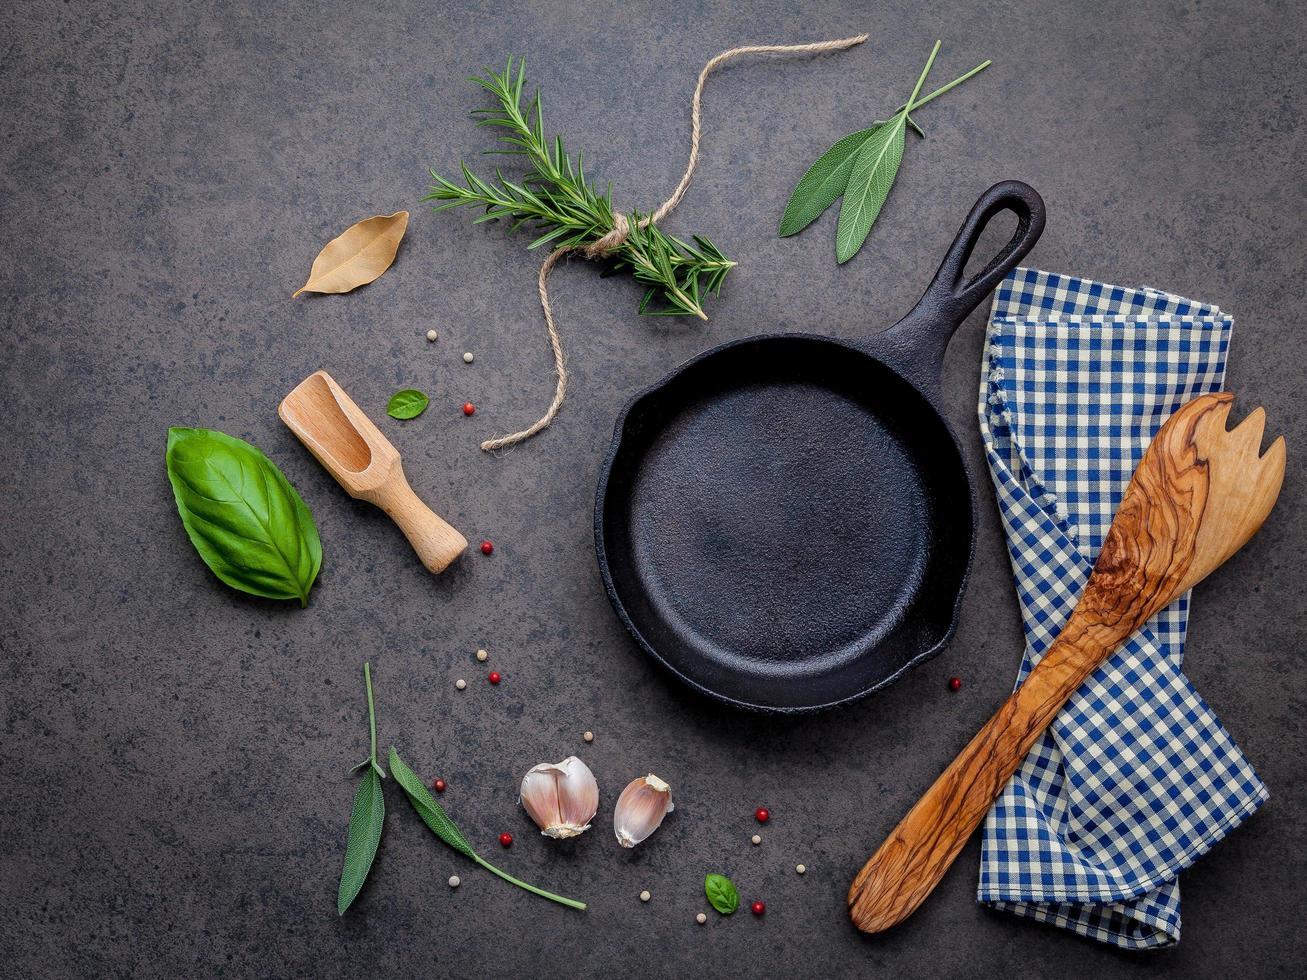 sartén con hierbas y un utensilio de madera 2055519 Foto de stock en  Vecteezy